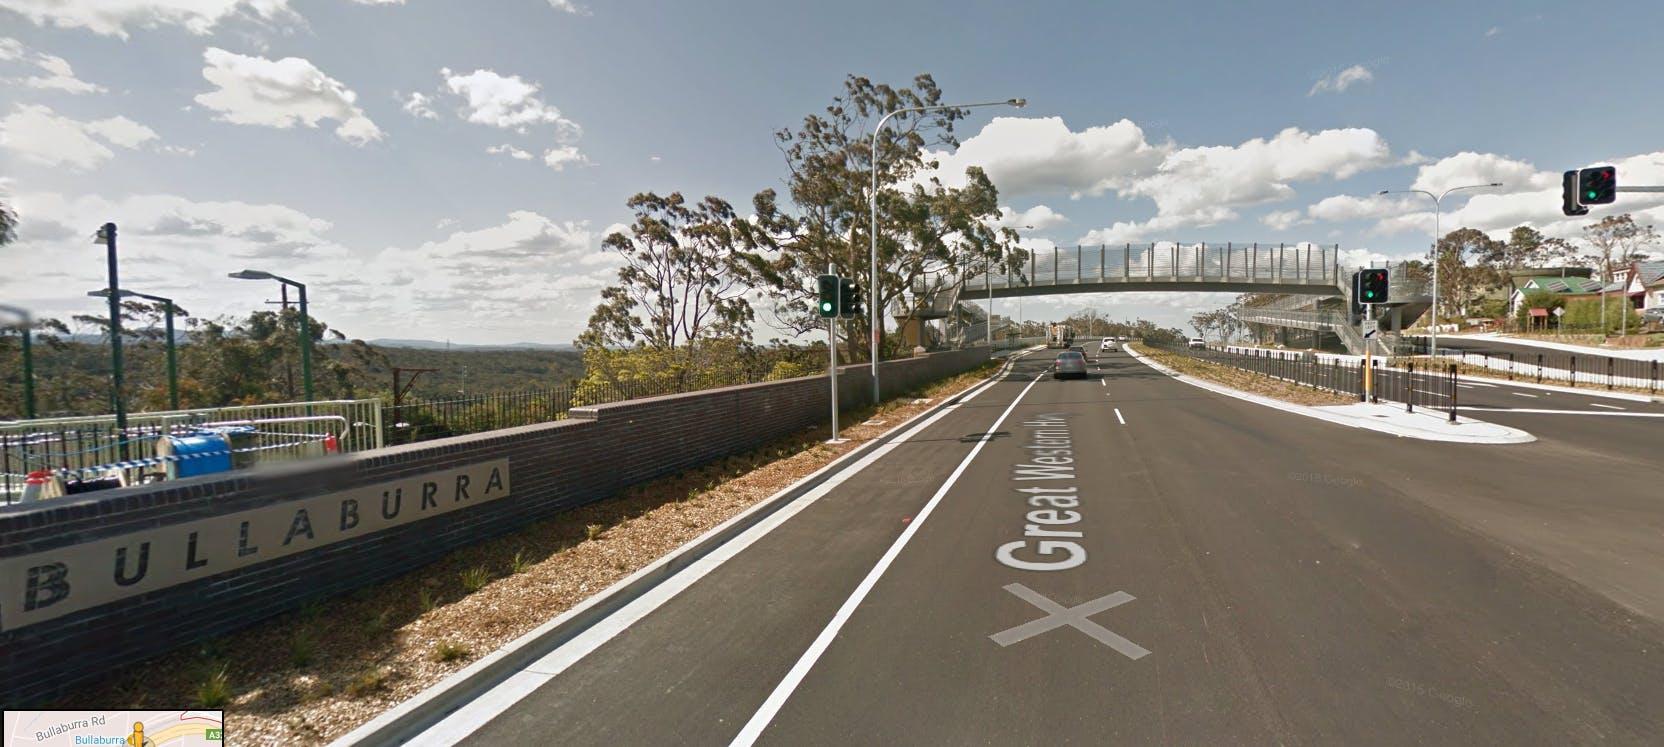 Bullaburra Bridge